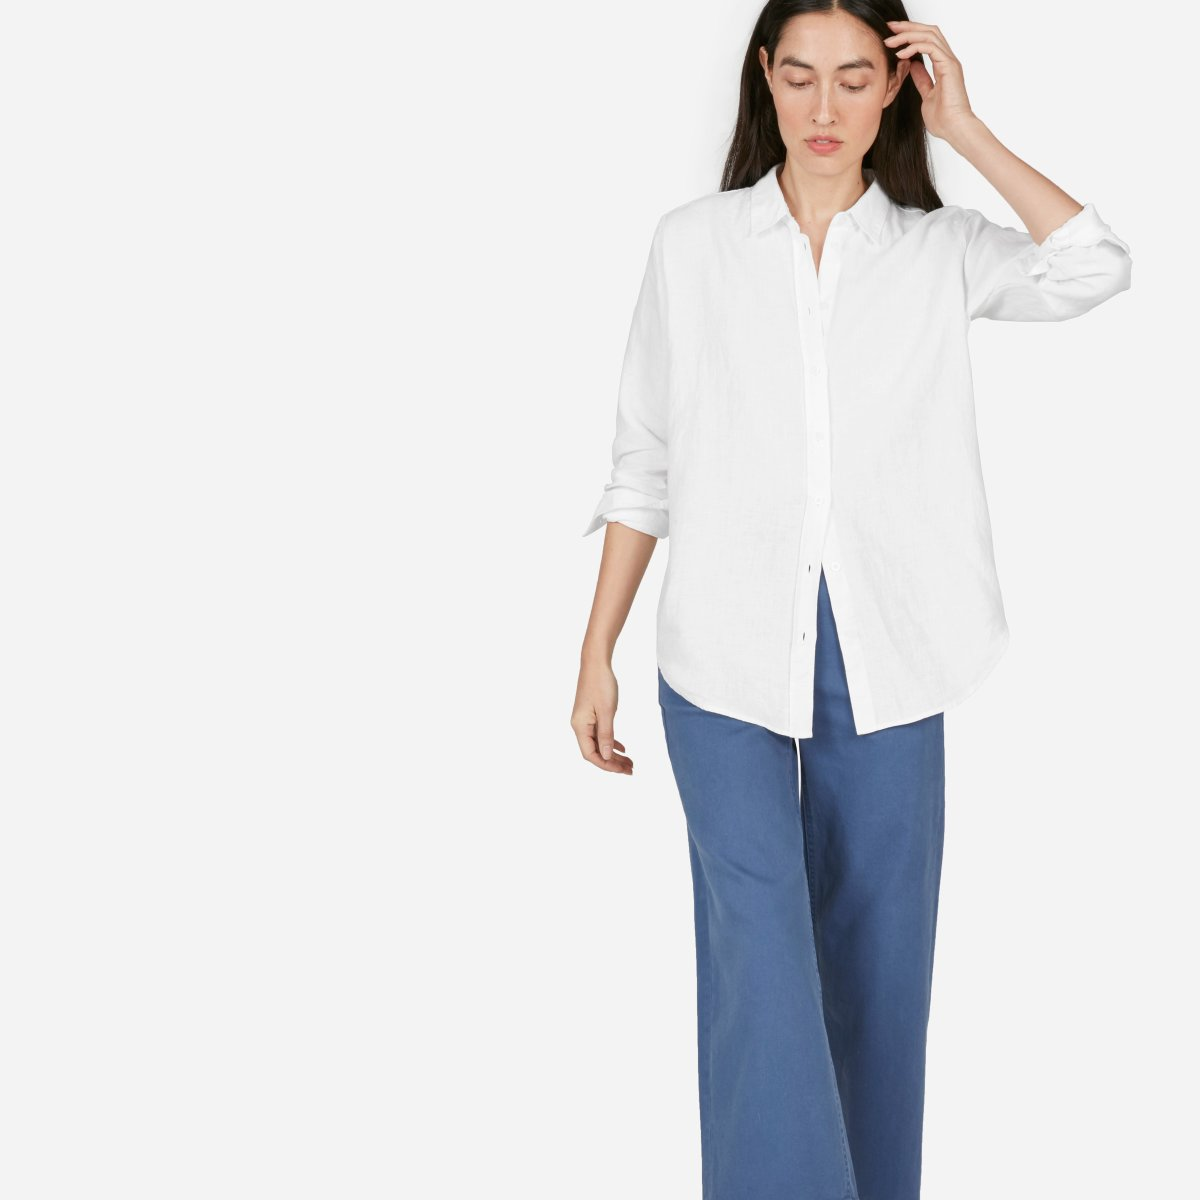 The Linen Relaxed Shirt –  58 89feabb02fb8d